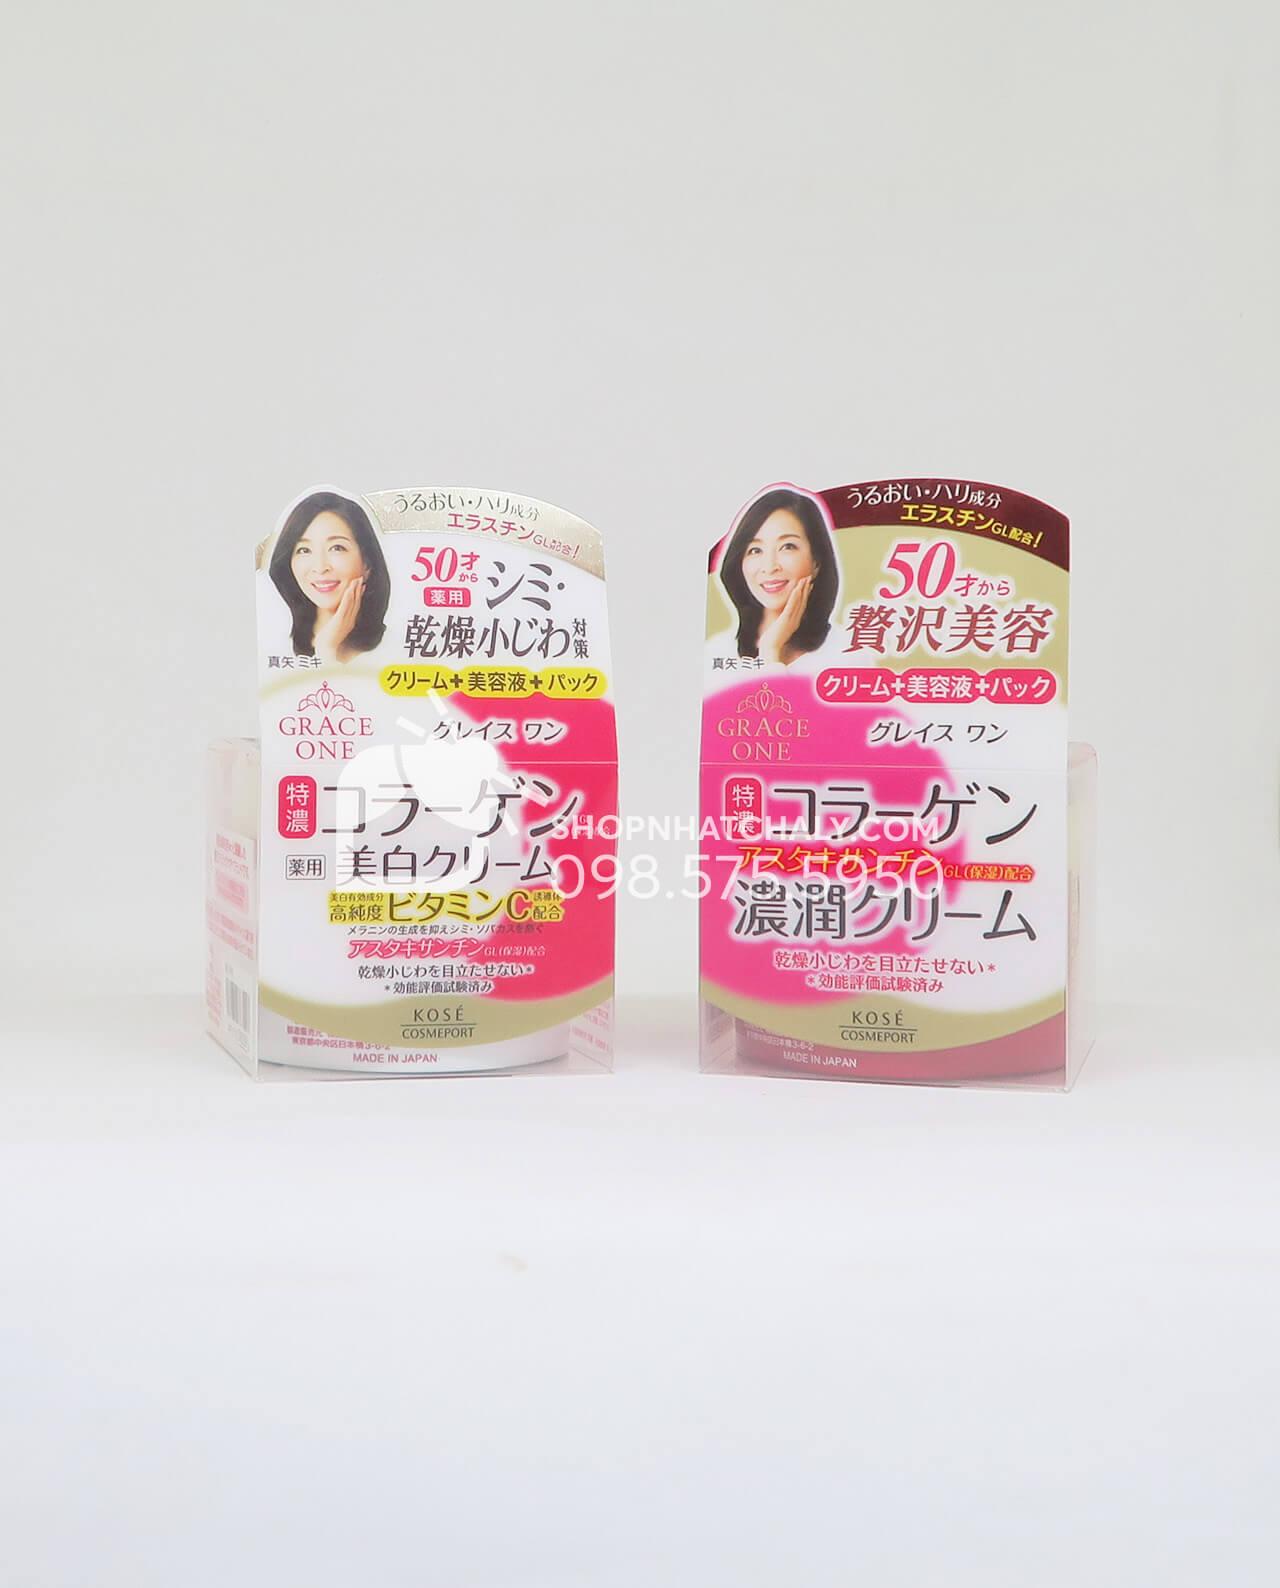 Kem dưỡng da Collagen Kose Nhật dành cho phụ nữ trên 50 tuổi mẫu mới 2018